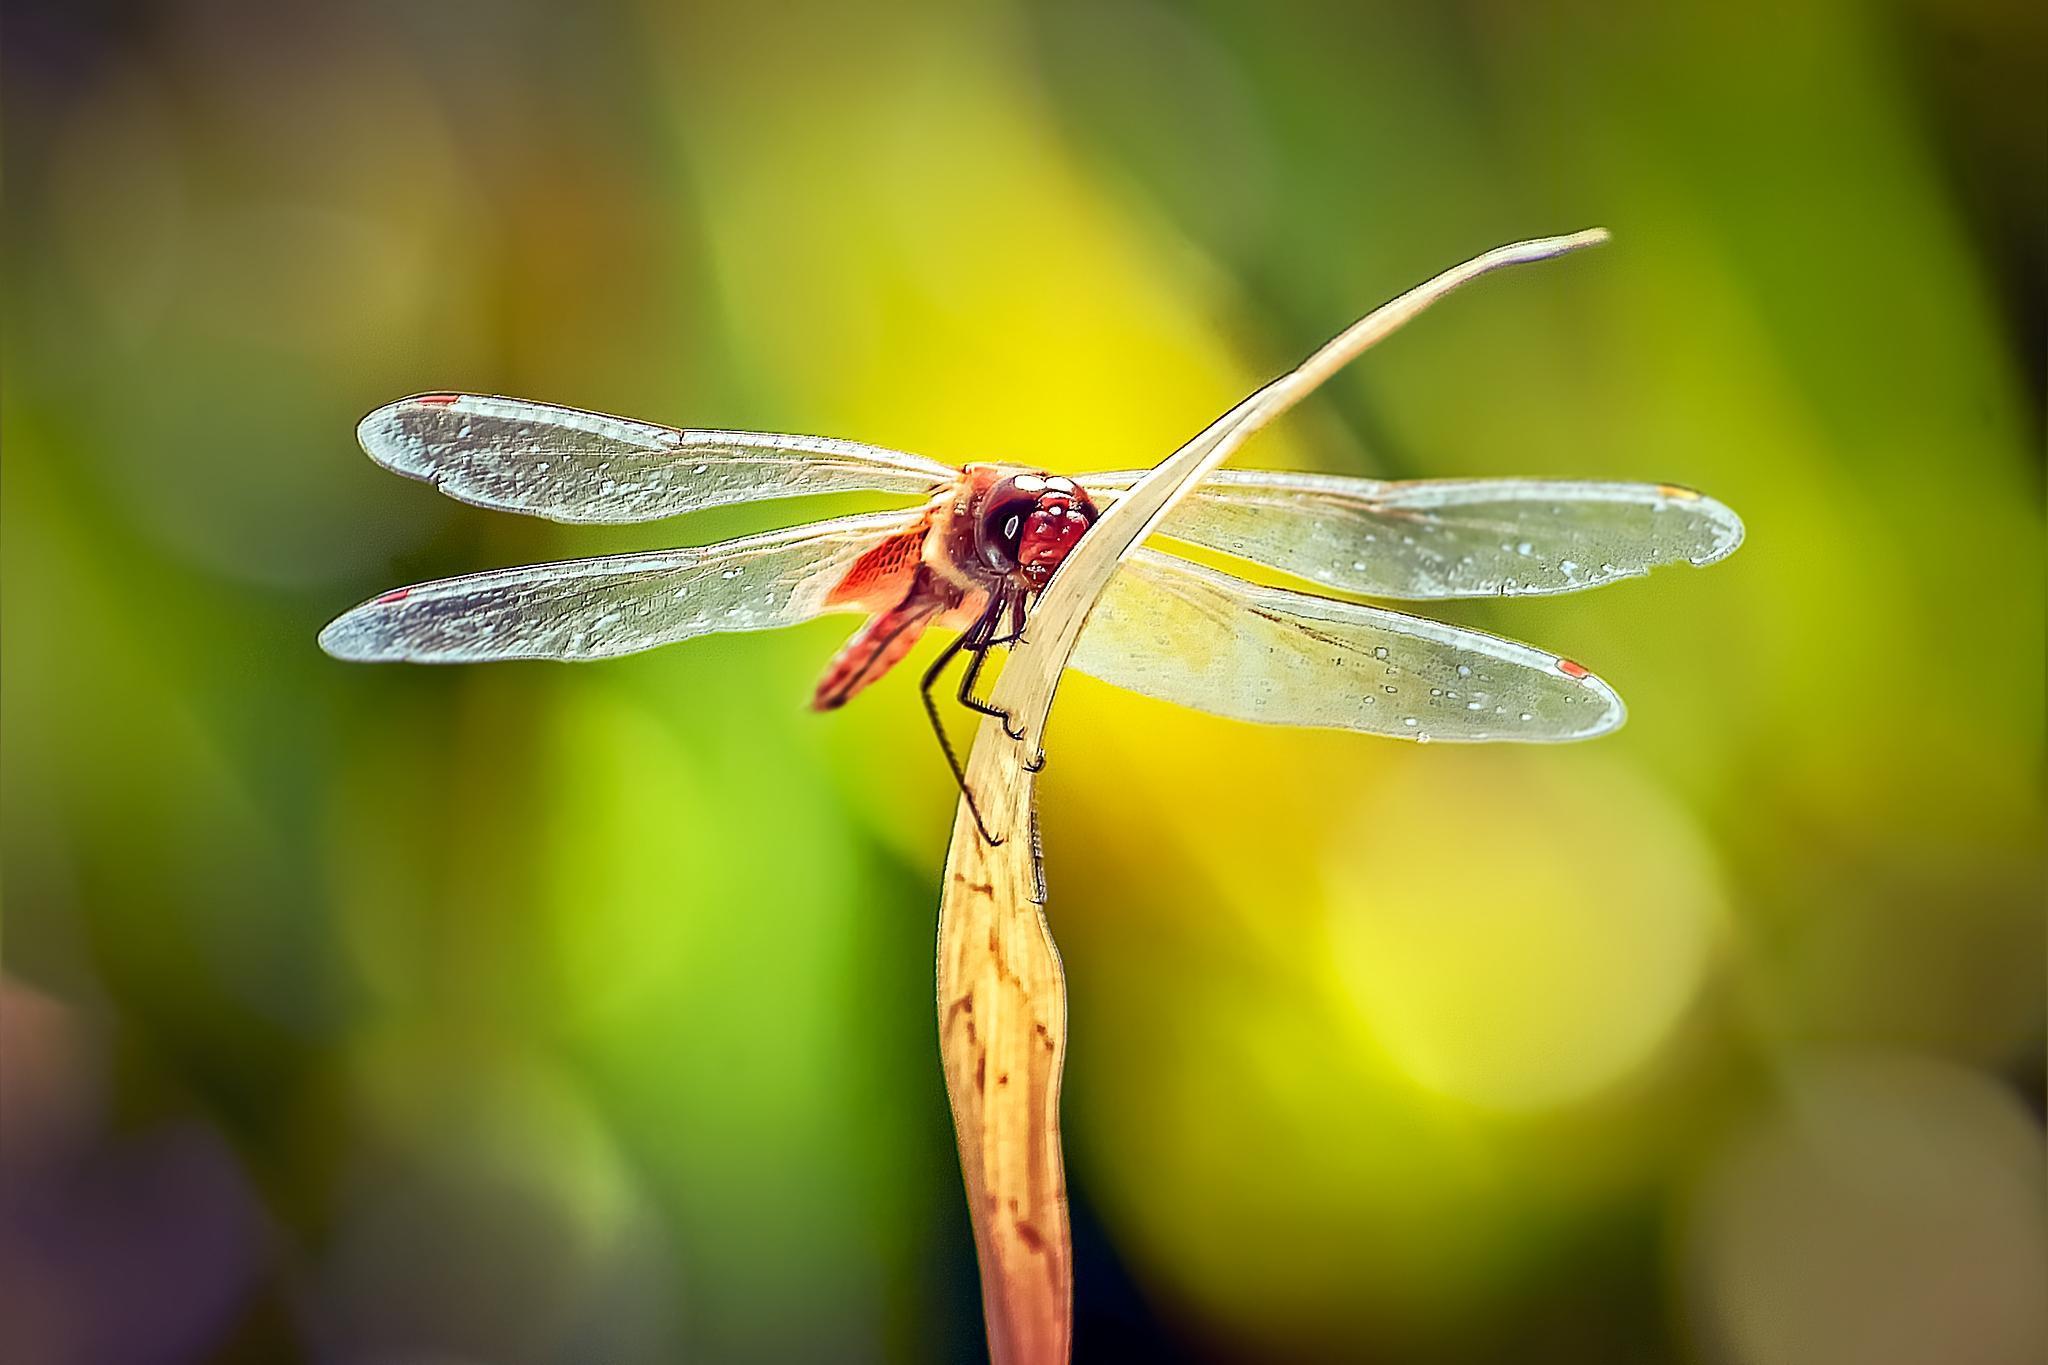 Red Dragonfly 44 by Tony Guzman